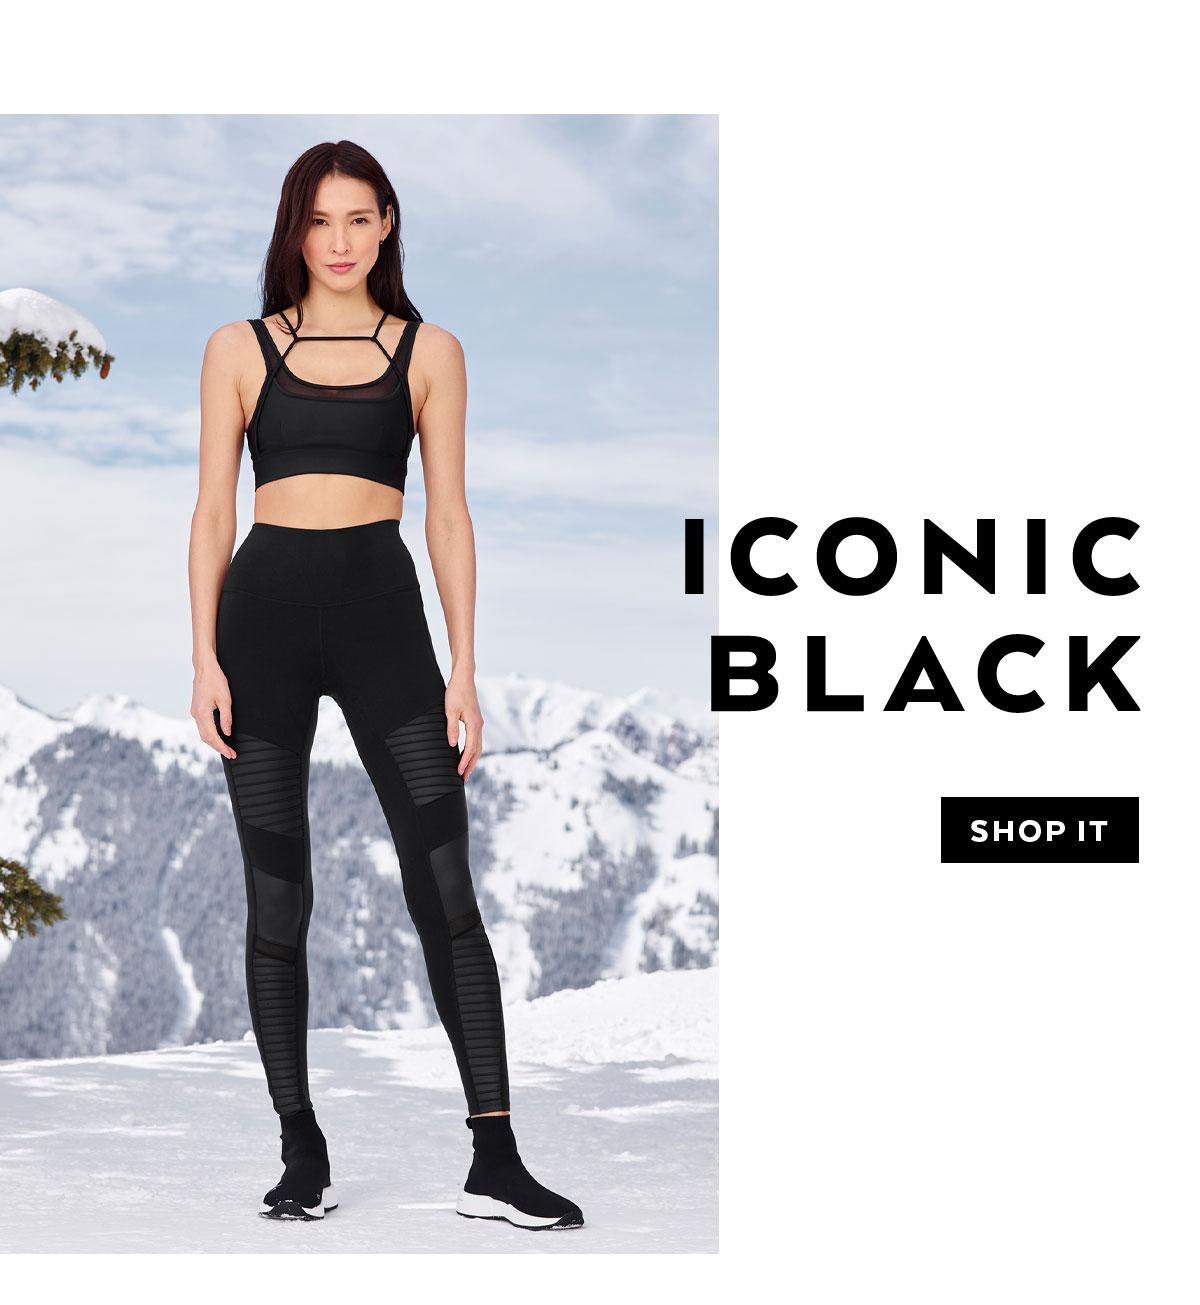 ICONIC BLACK. SHOP IT